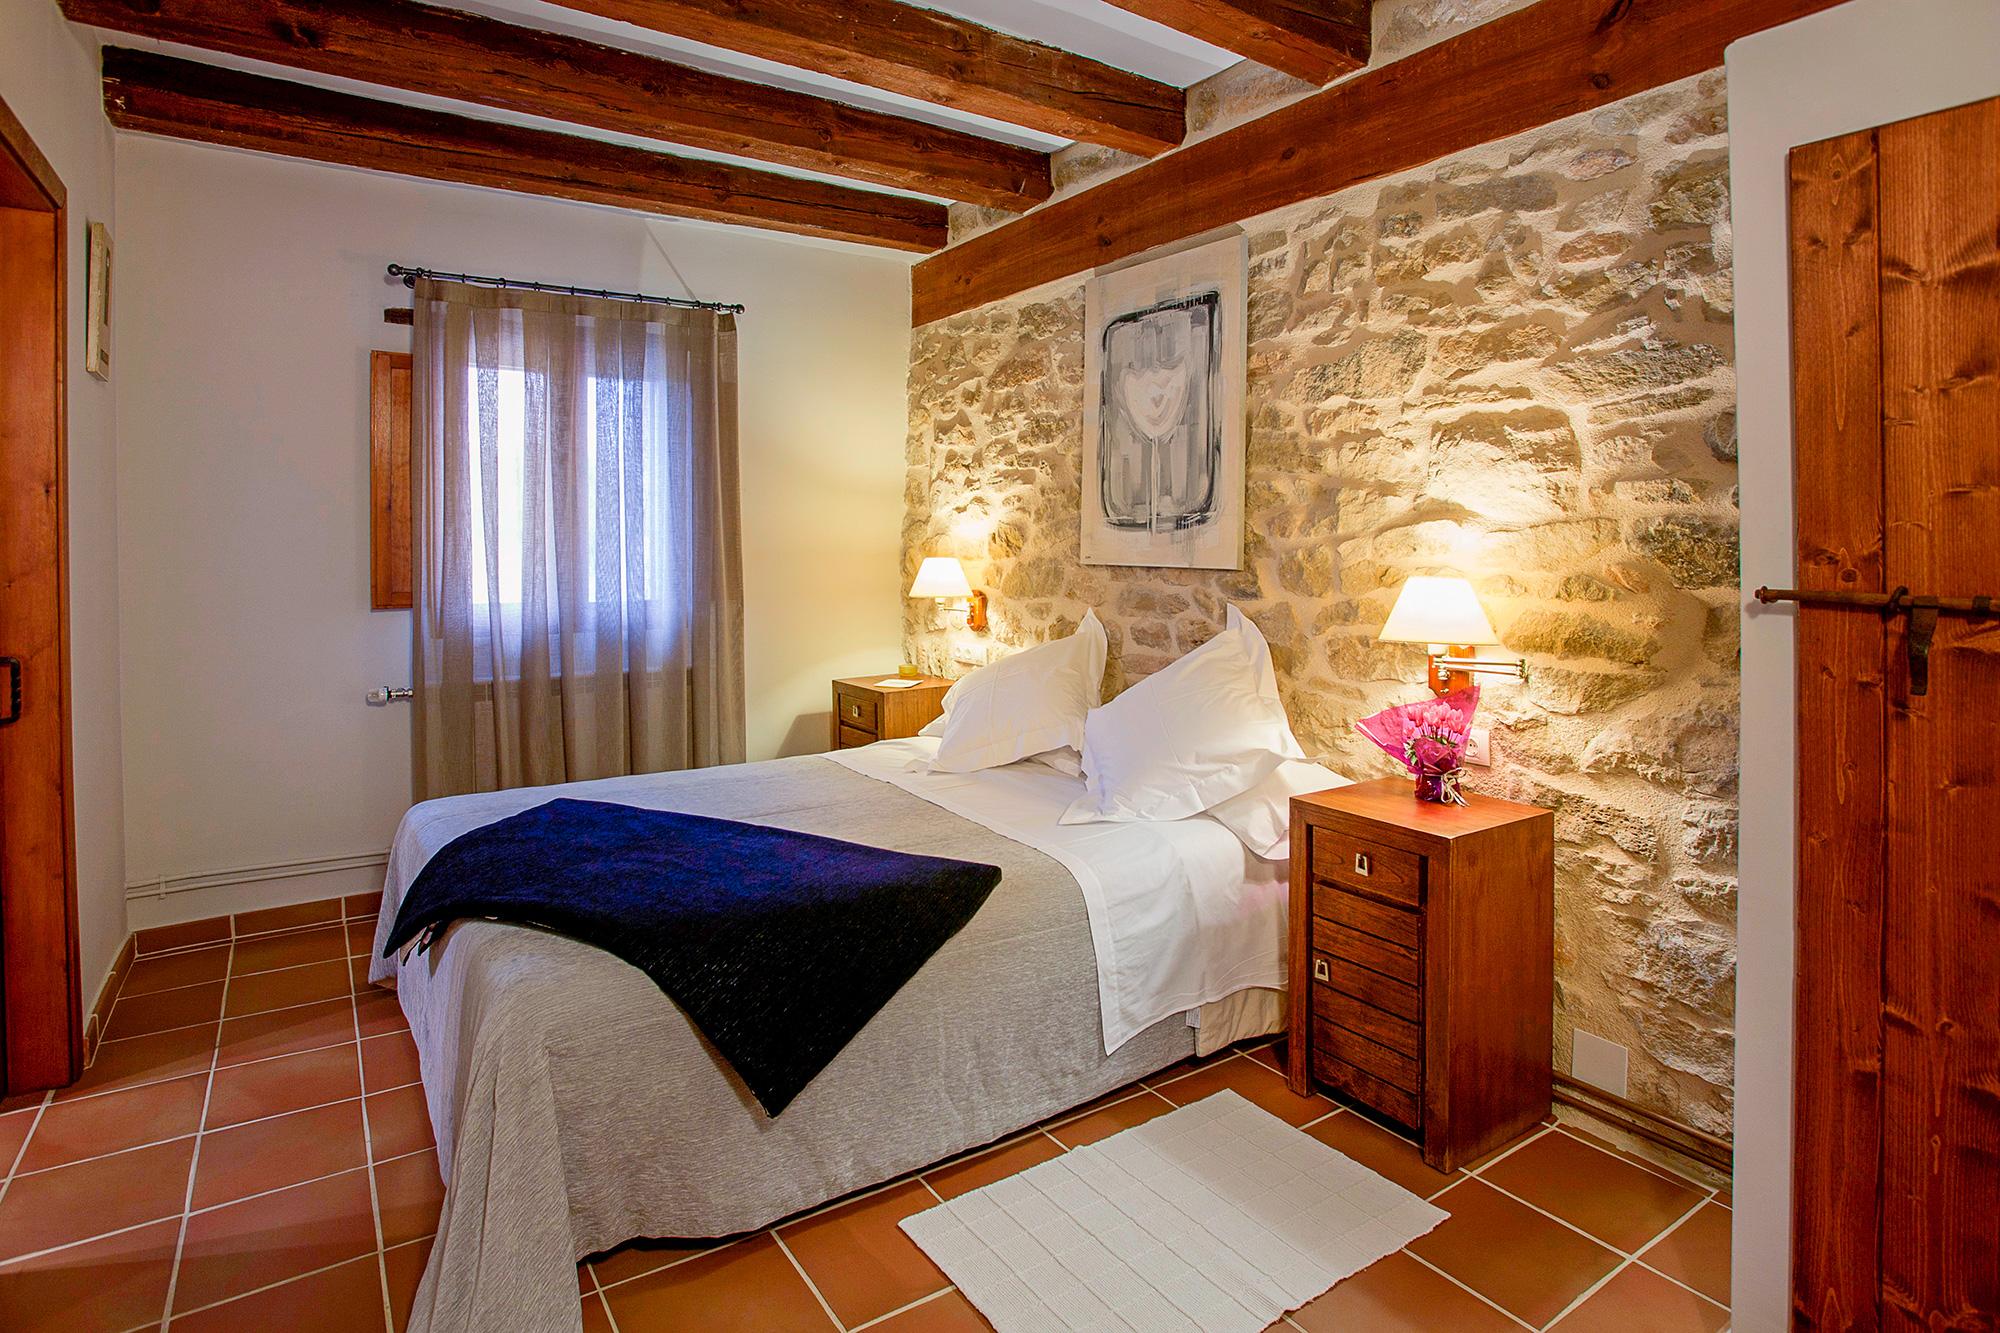 Habitación 1663 en Mas del Rei de Calaceite